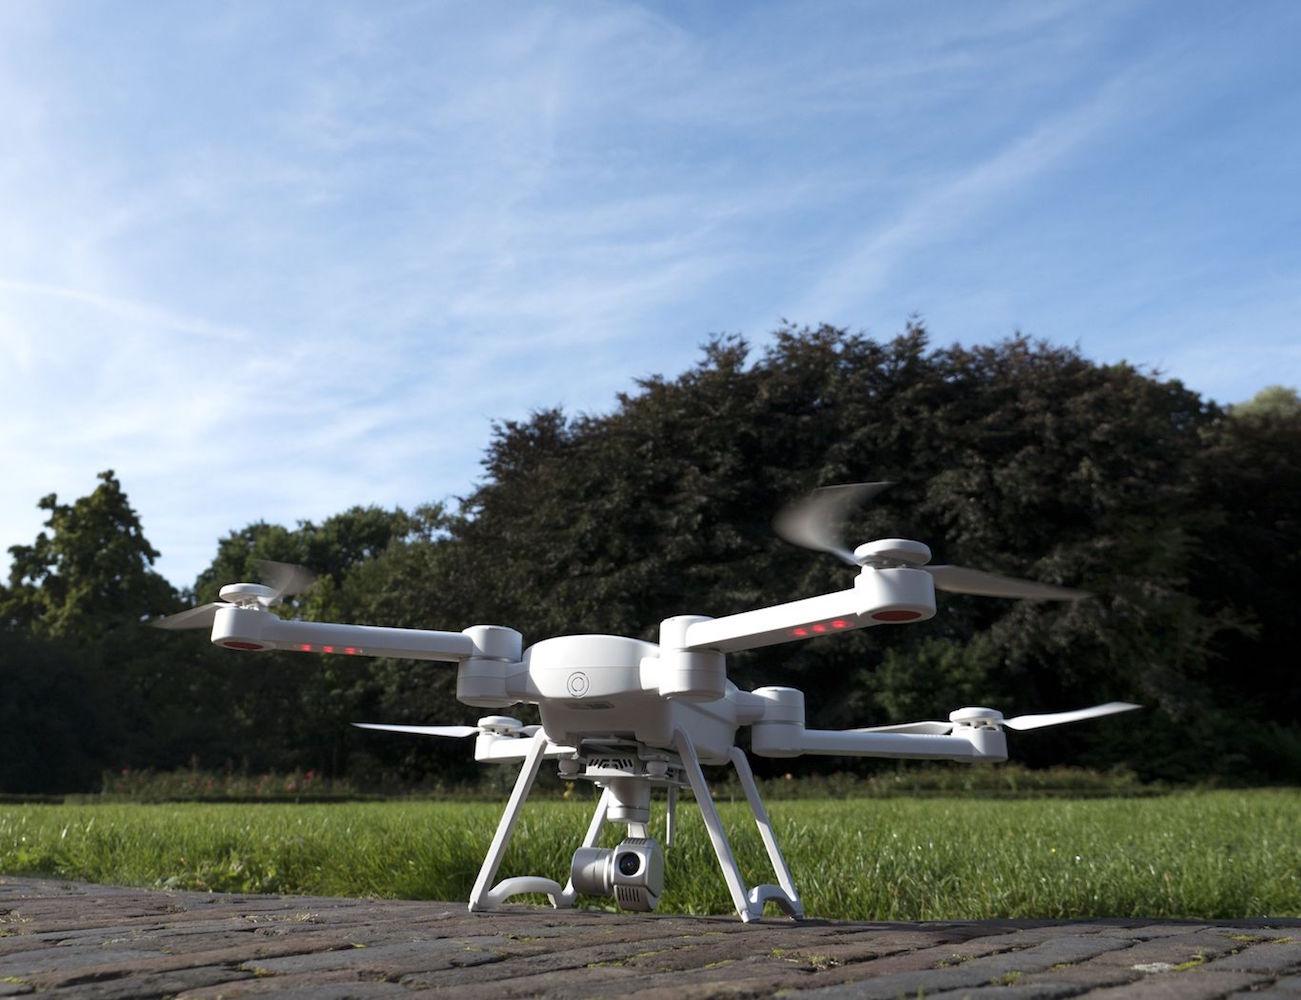 prodrone-byrd-portable-drone-03